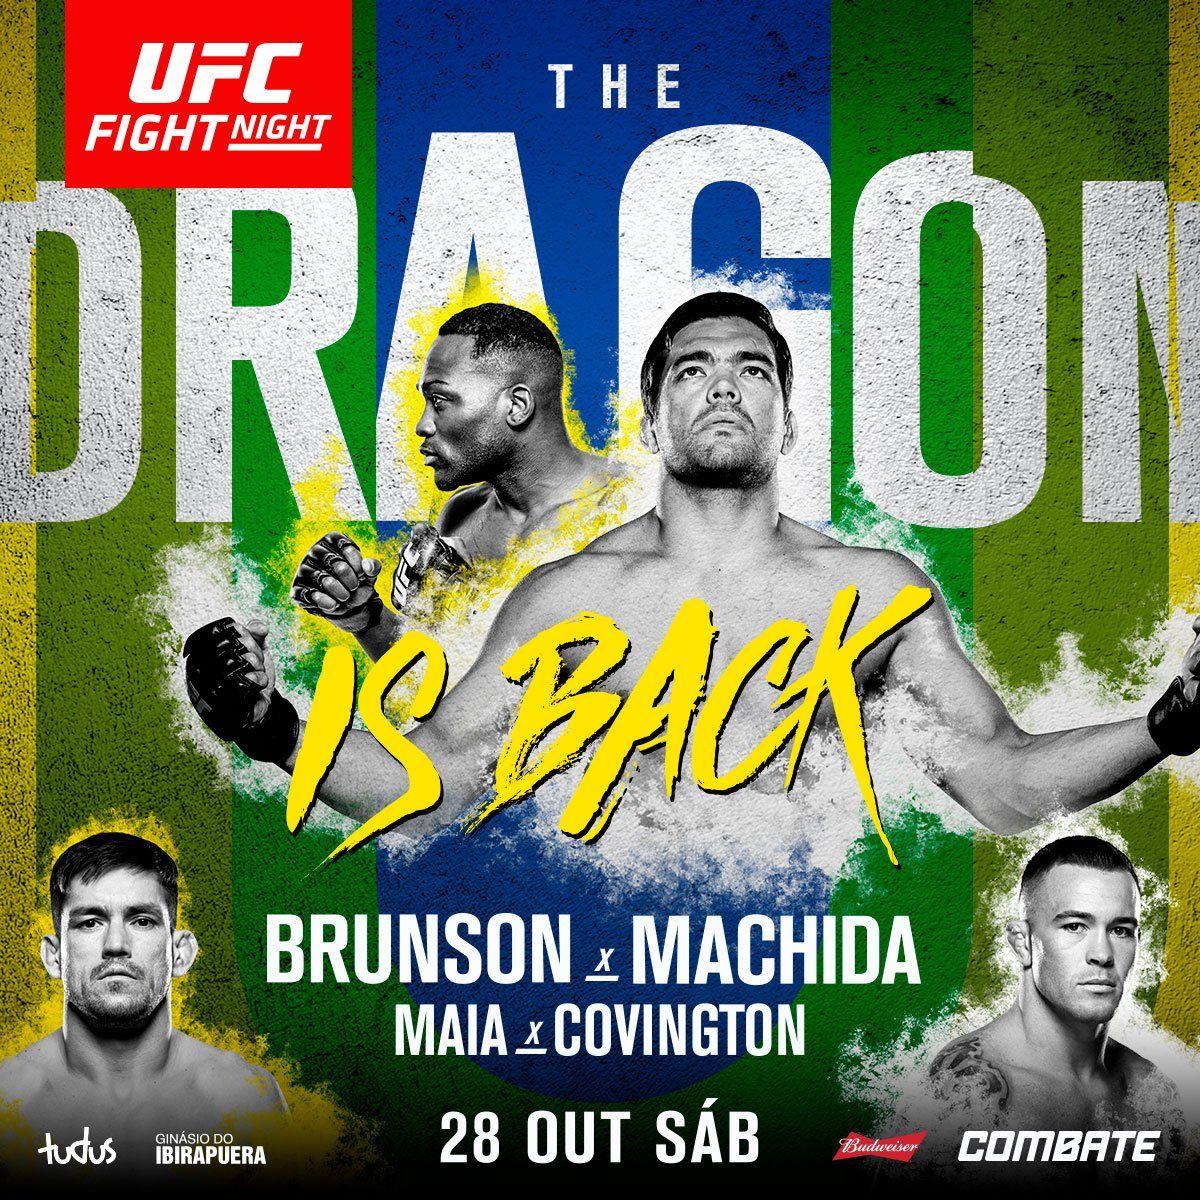 Ufc Fight Night 119 Machida Vs Brunson Ufc Horaire